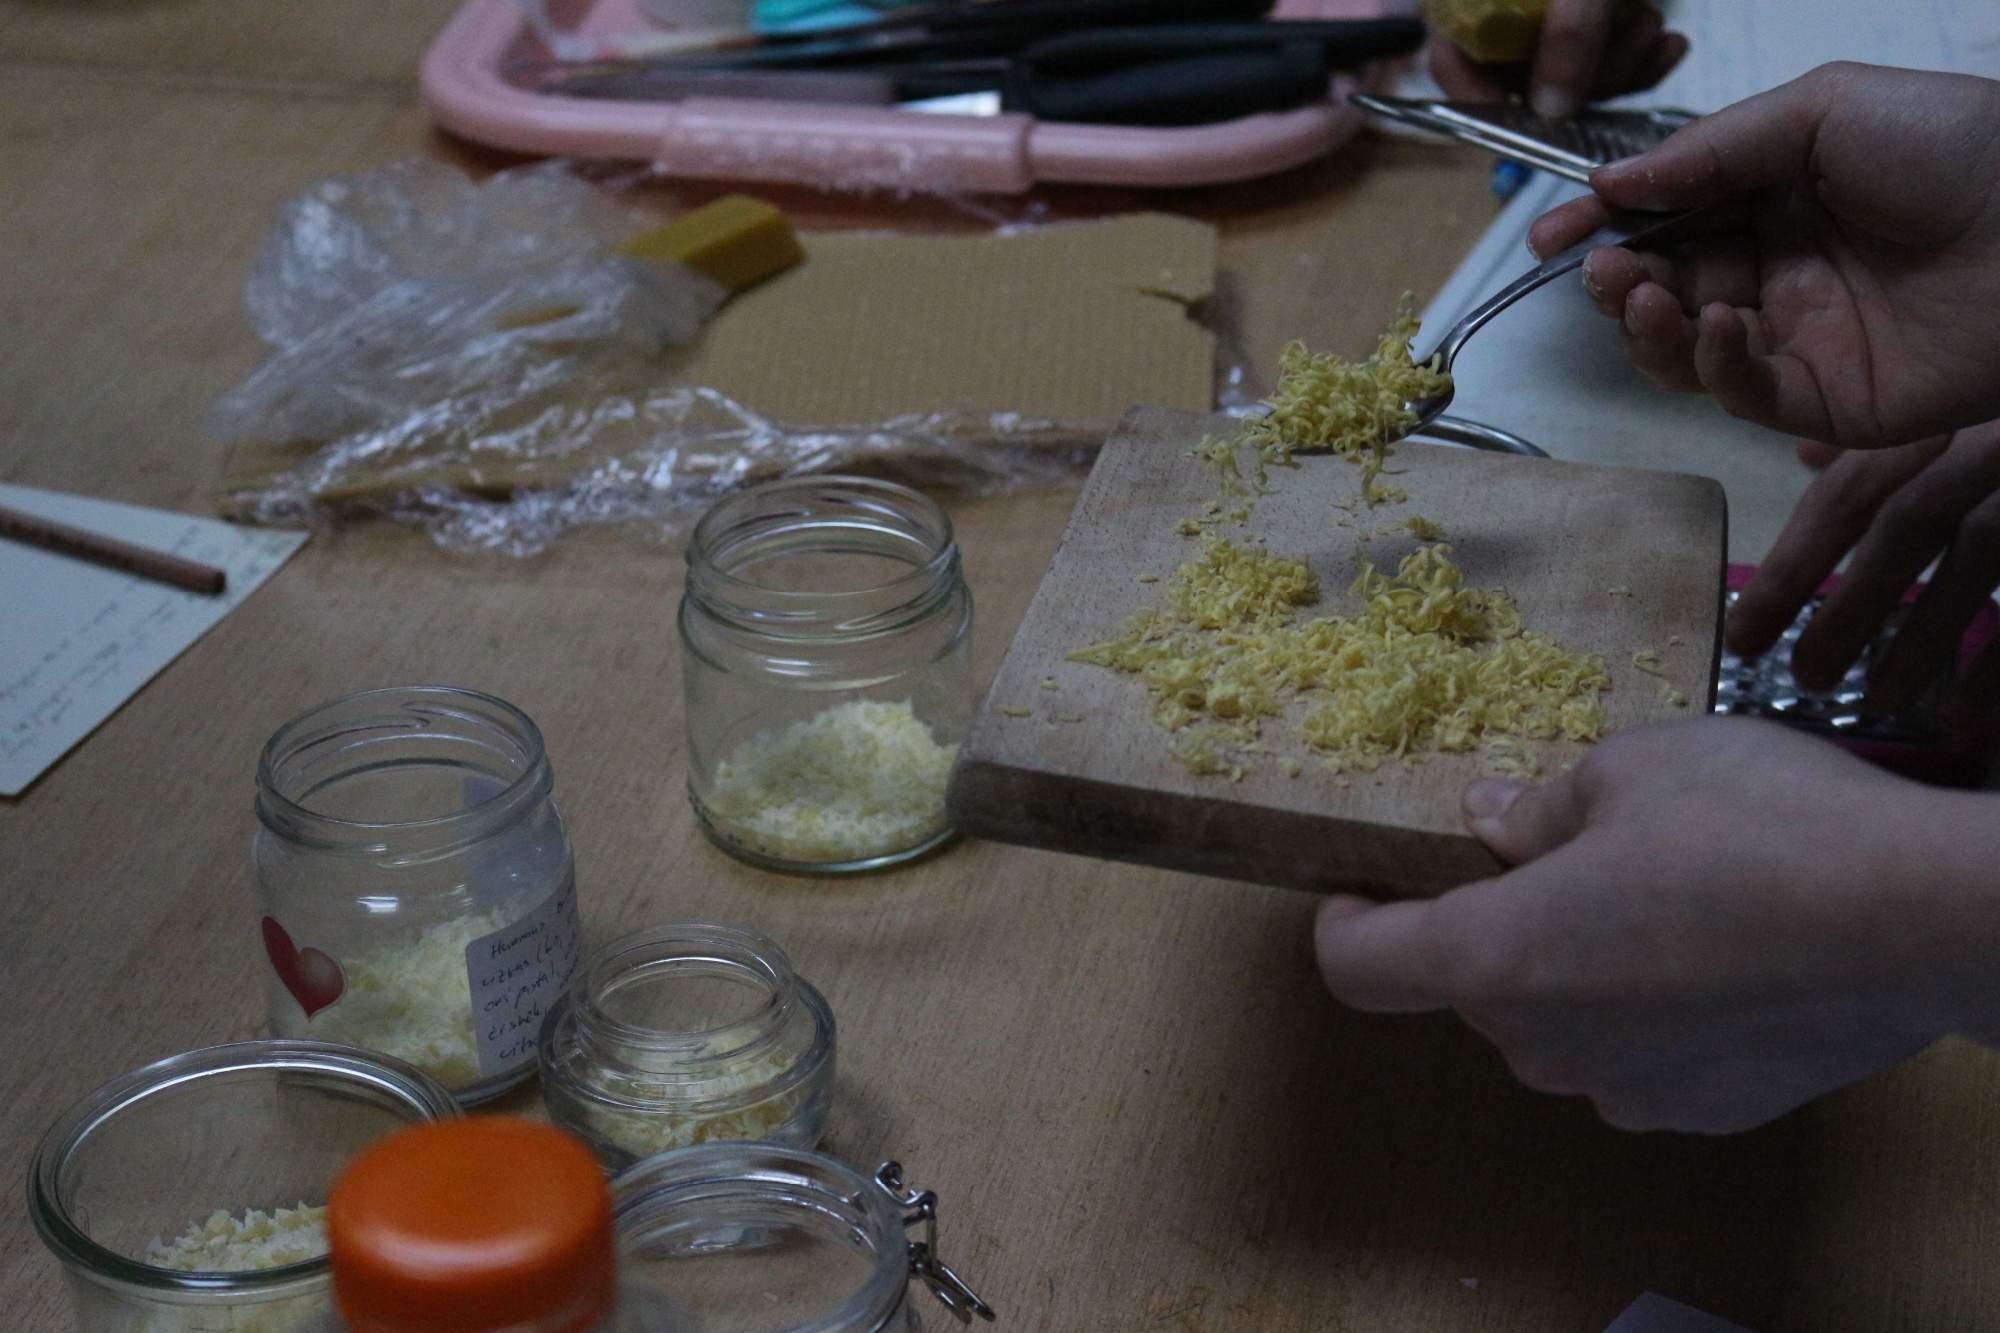 Najpoužívanejšími surovinami pri výrobe domácej kozmetike sú kokosový olej, kakaové maslo, včelí vosk, škrob a sóda. Foto: Simona Gálová